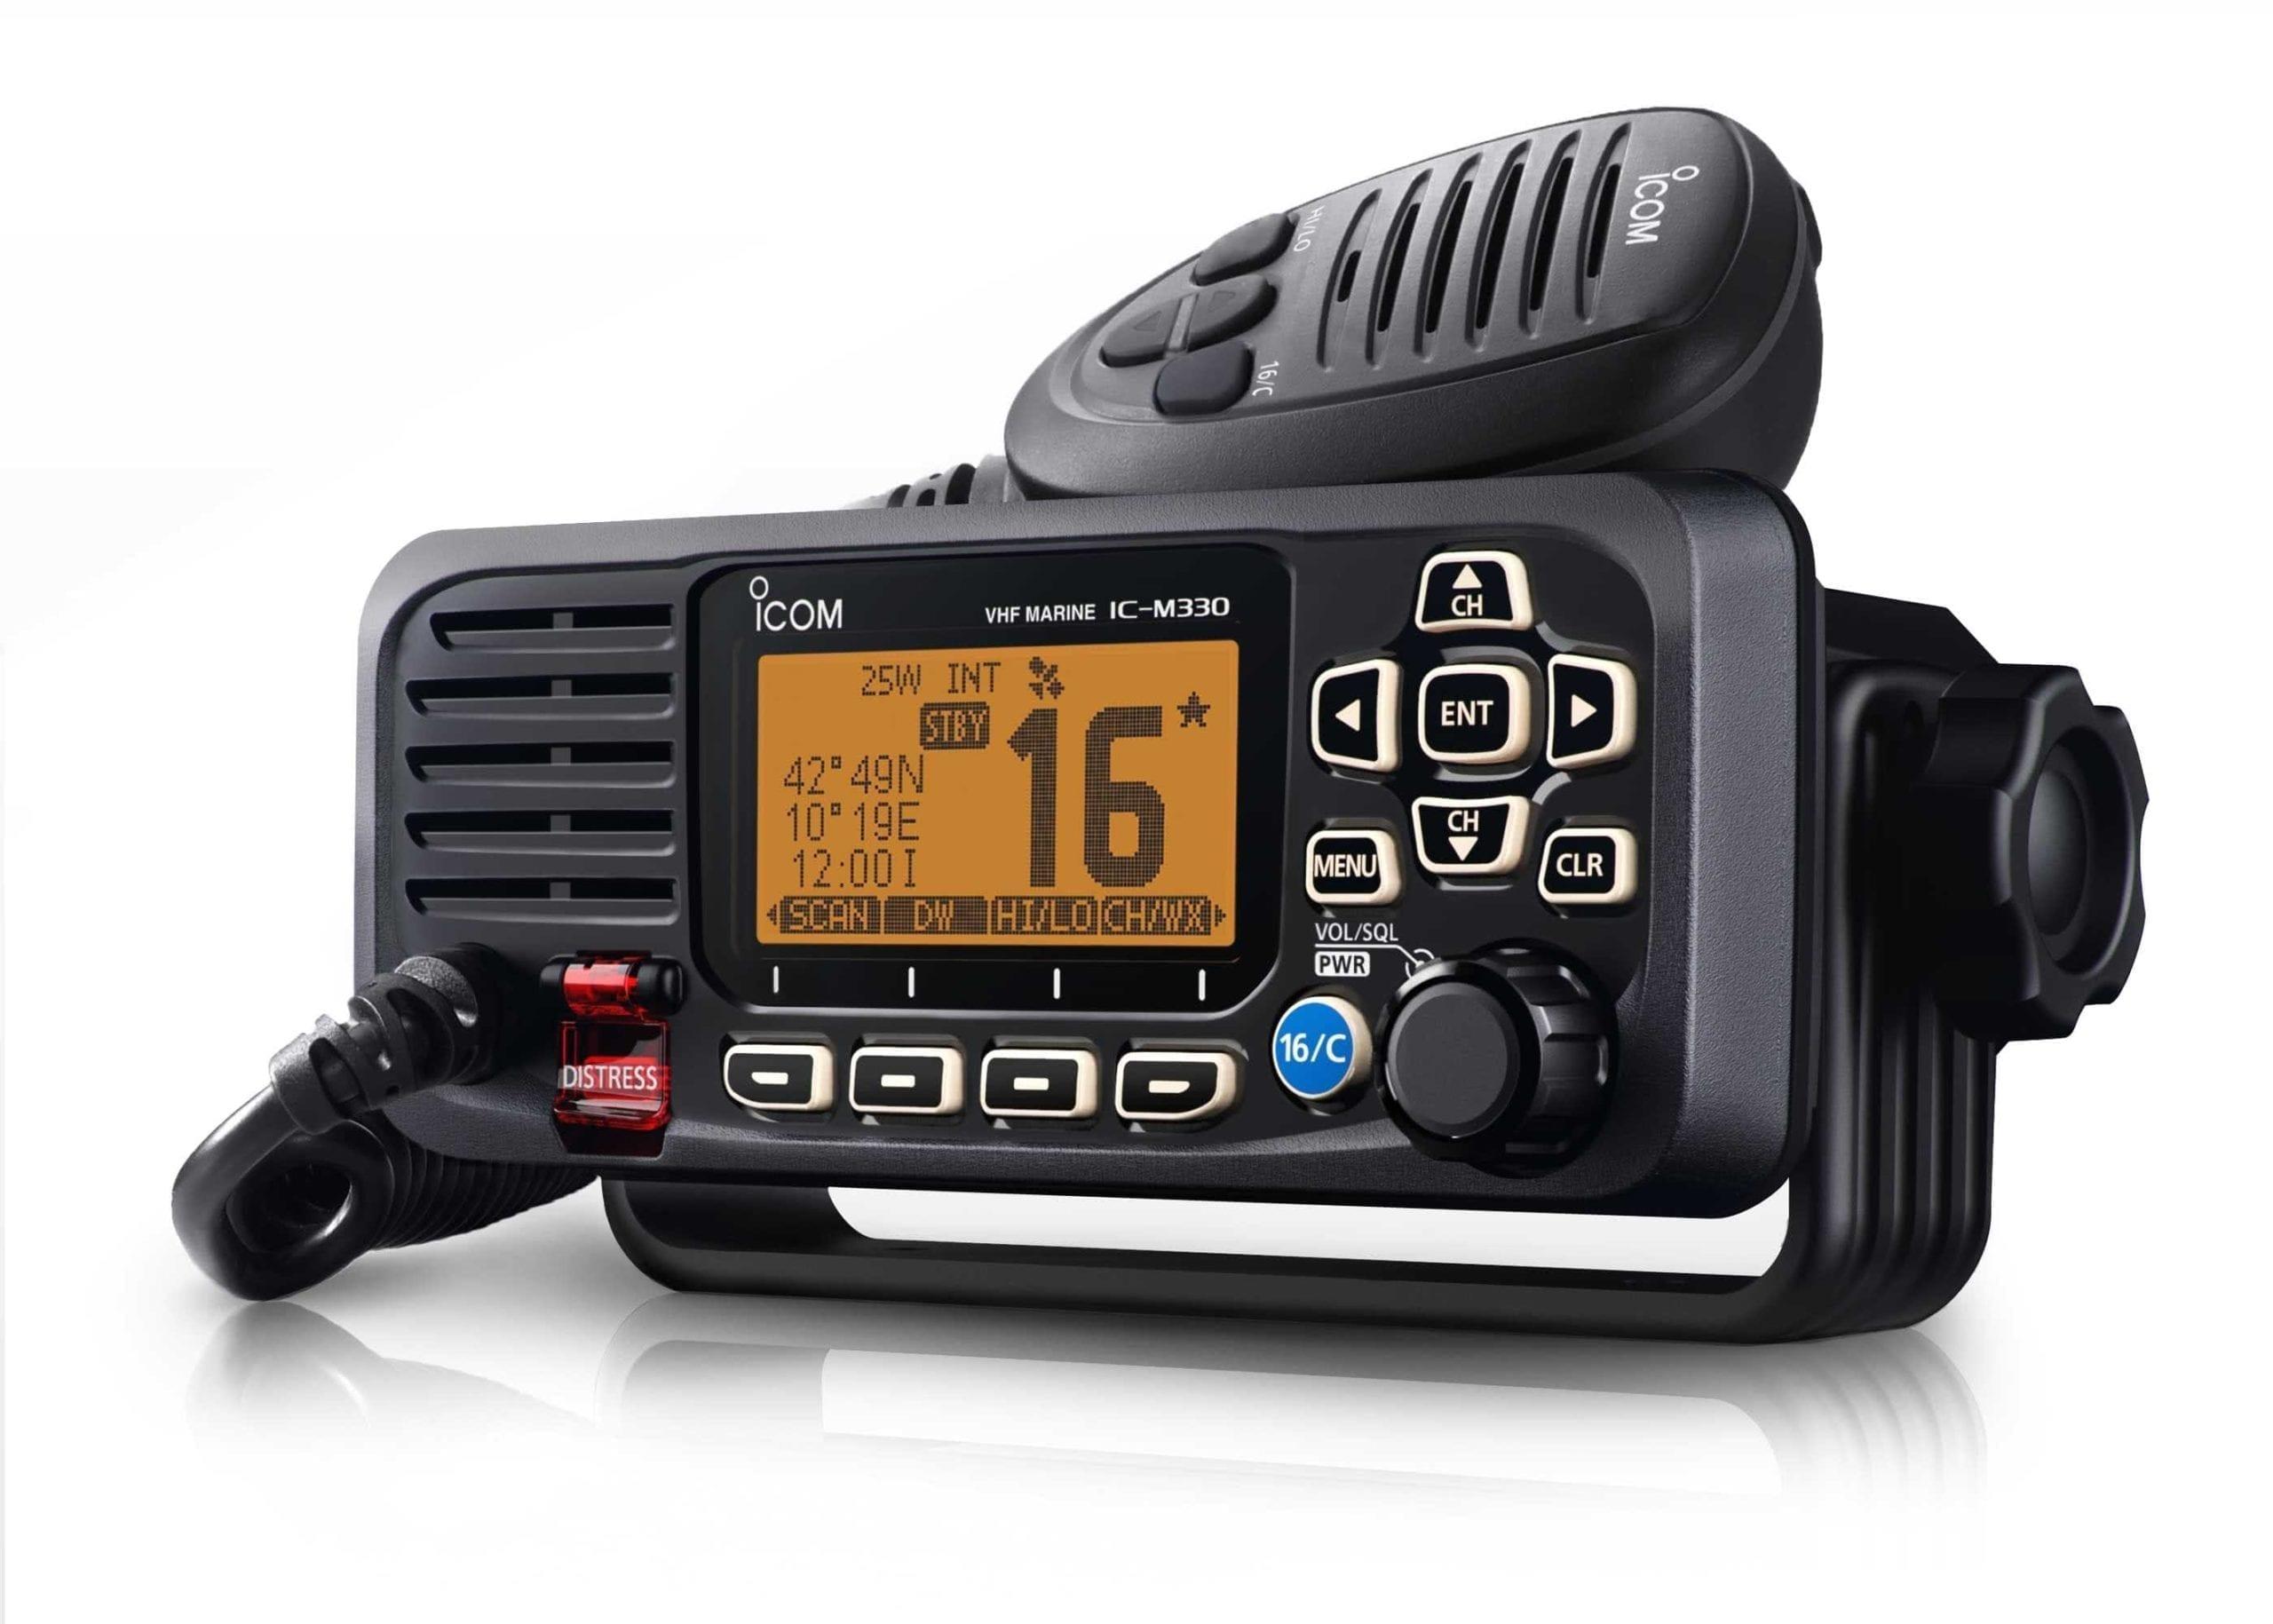 VHF Marino ICOM IC-M330GE